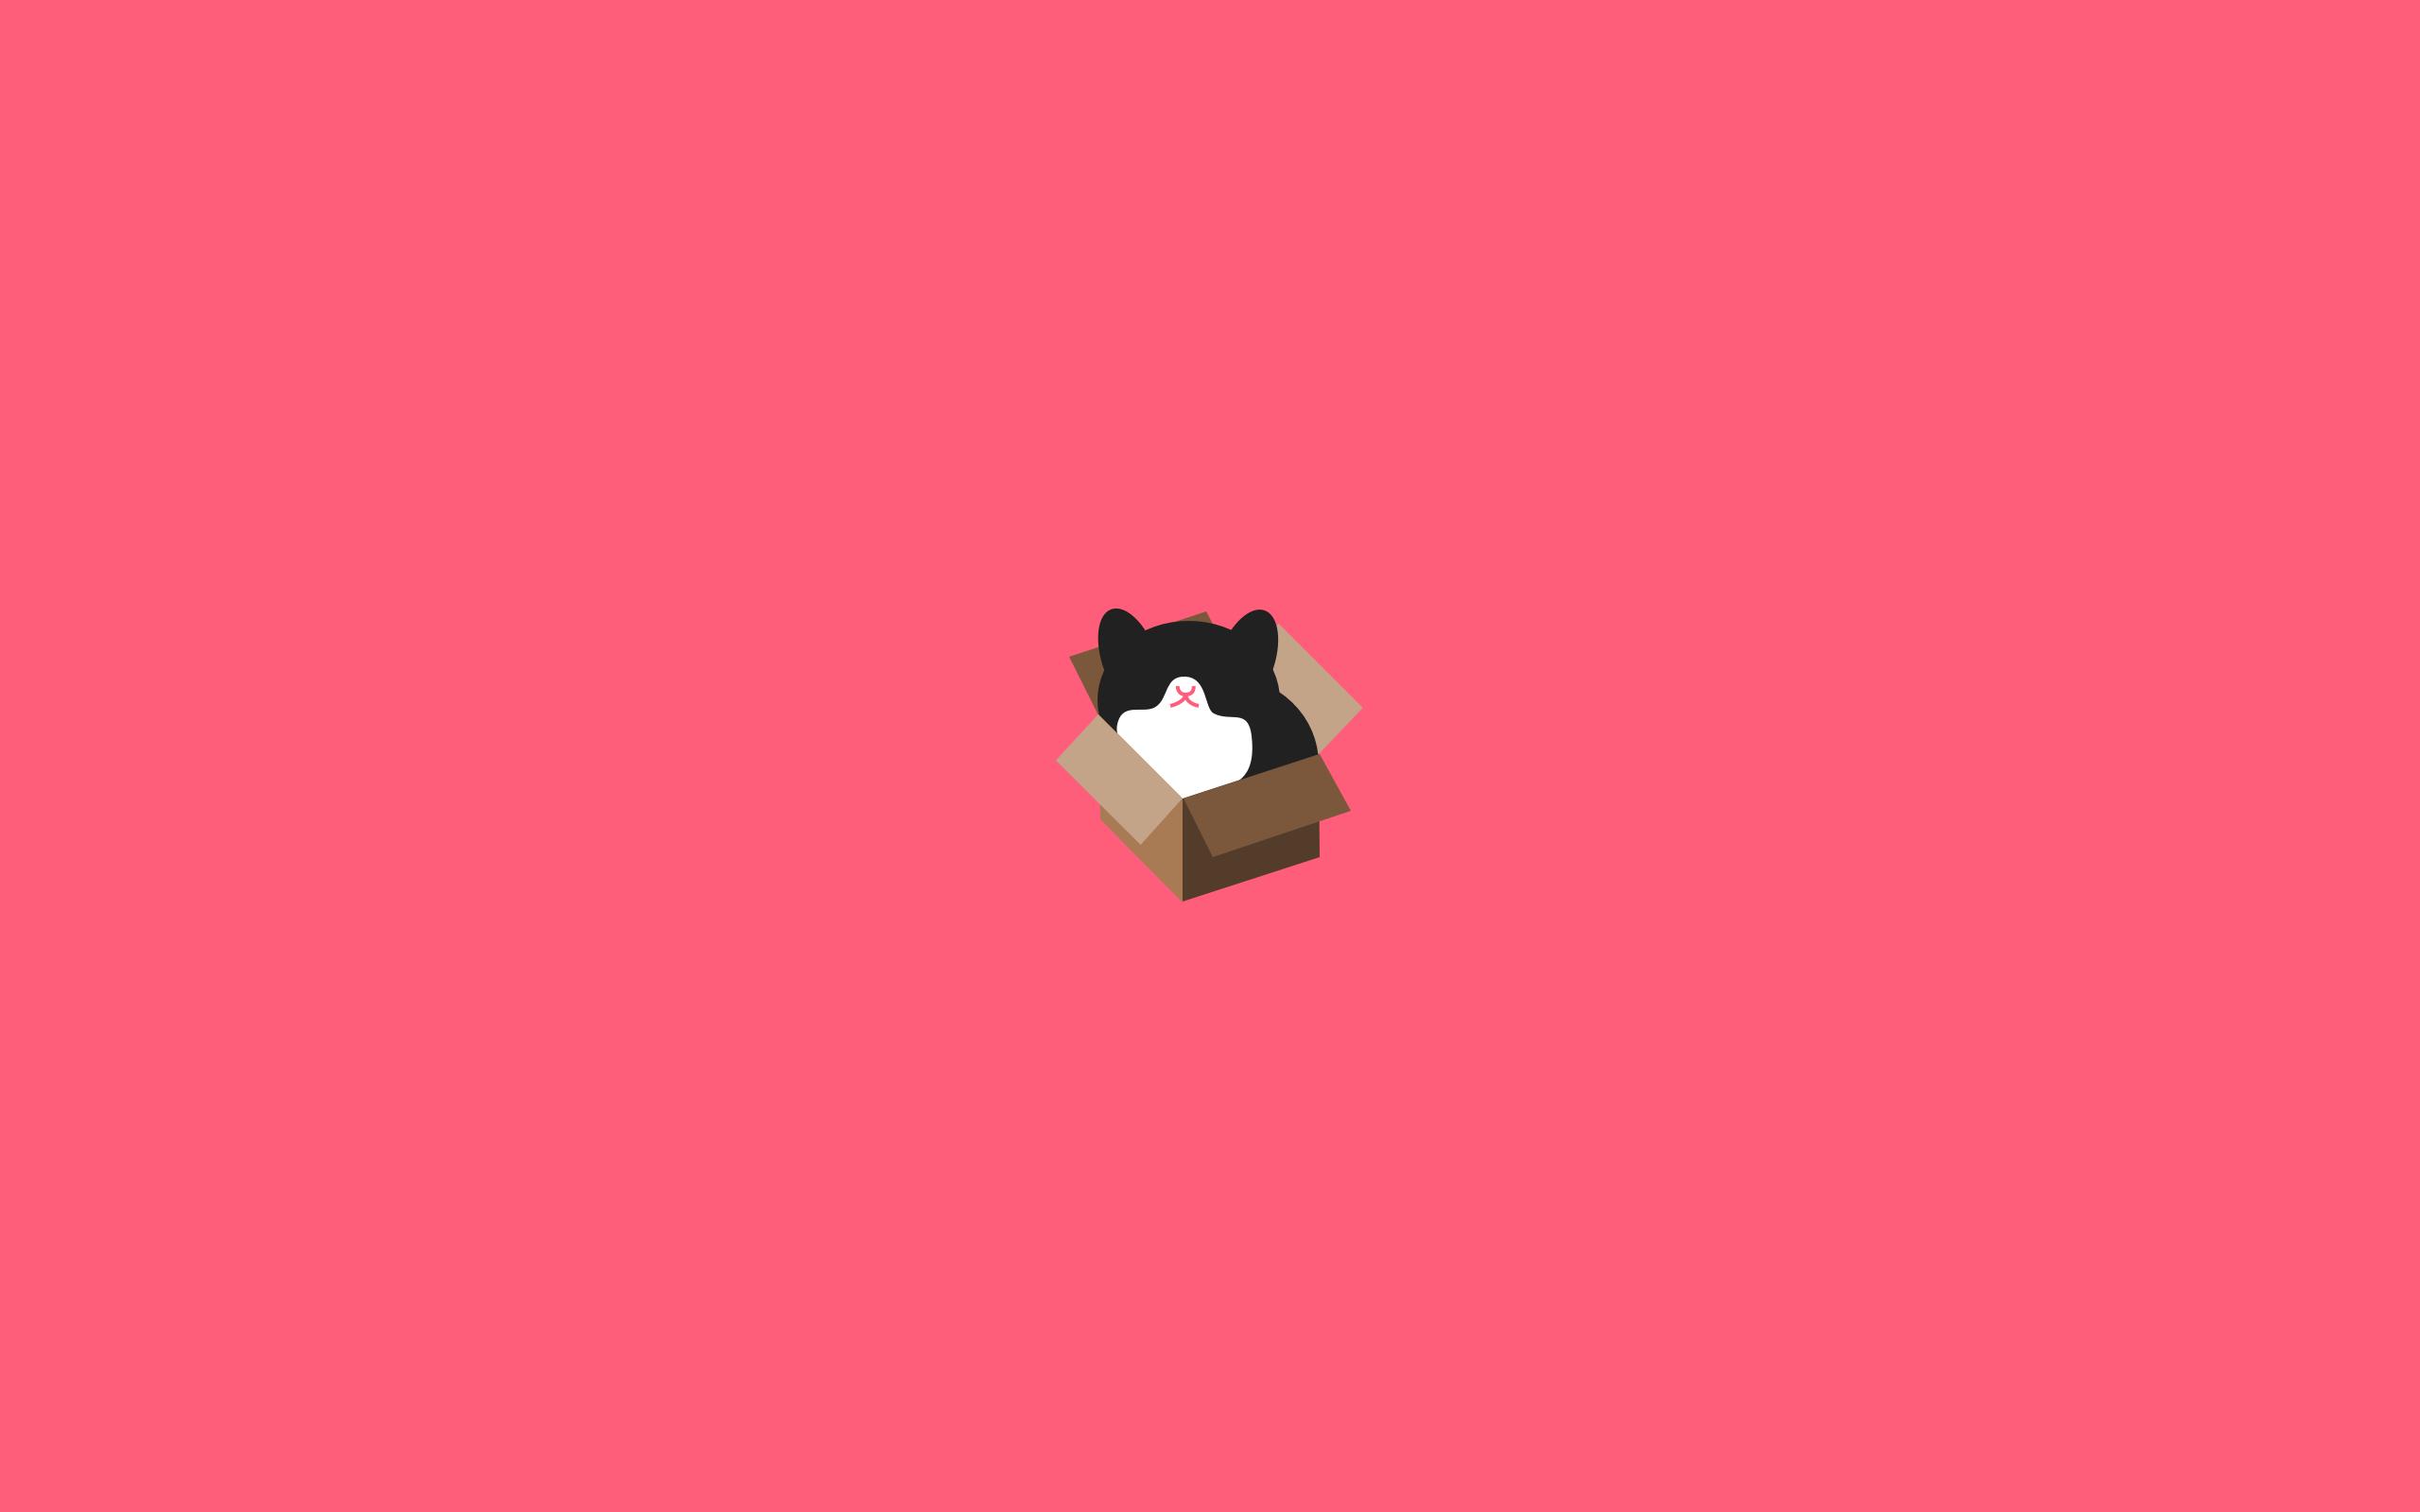 シンプルな猫のデスクトップ壁紙 ネコまにあ 猫動画や癒し猫 面白い